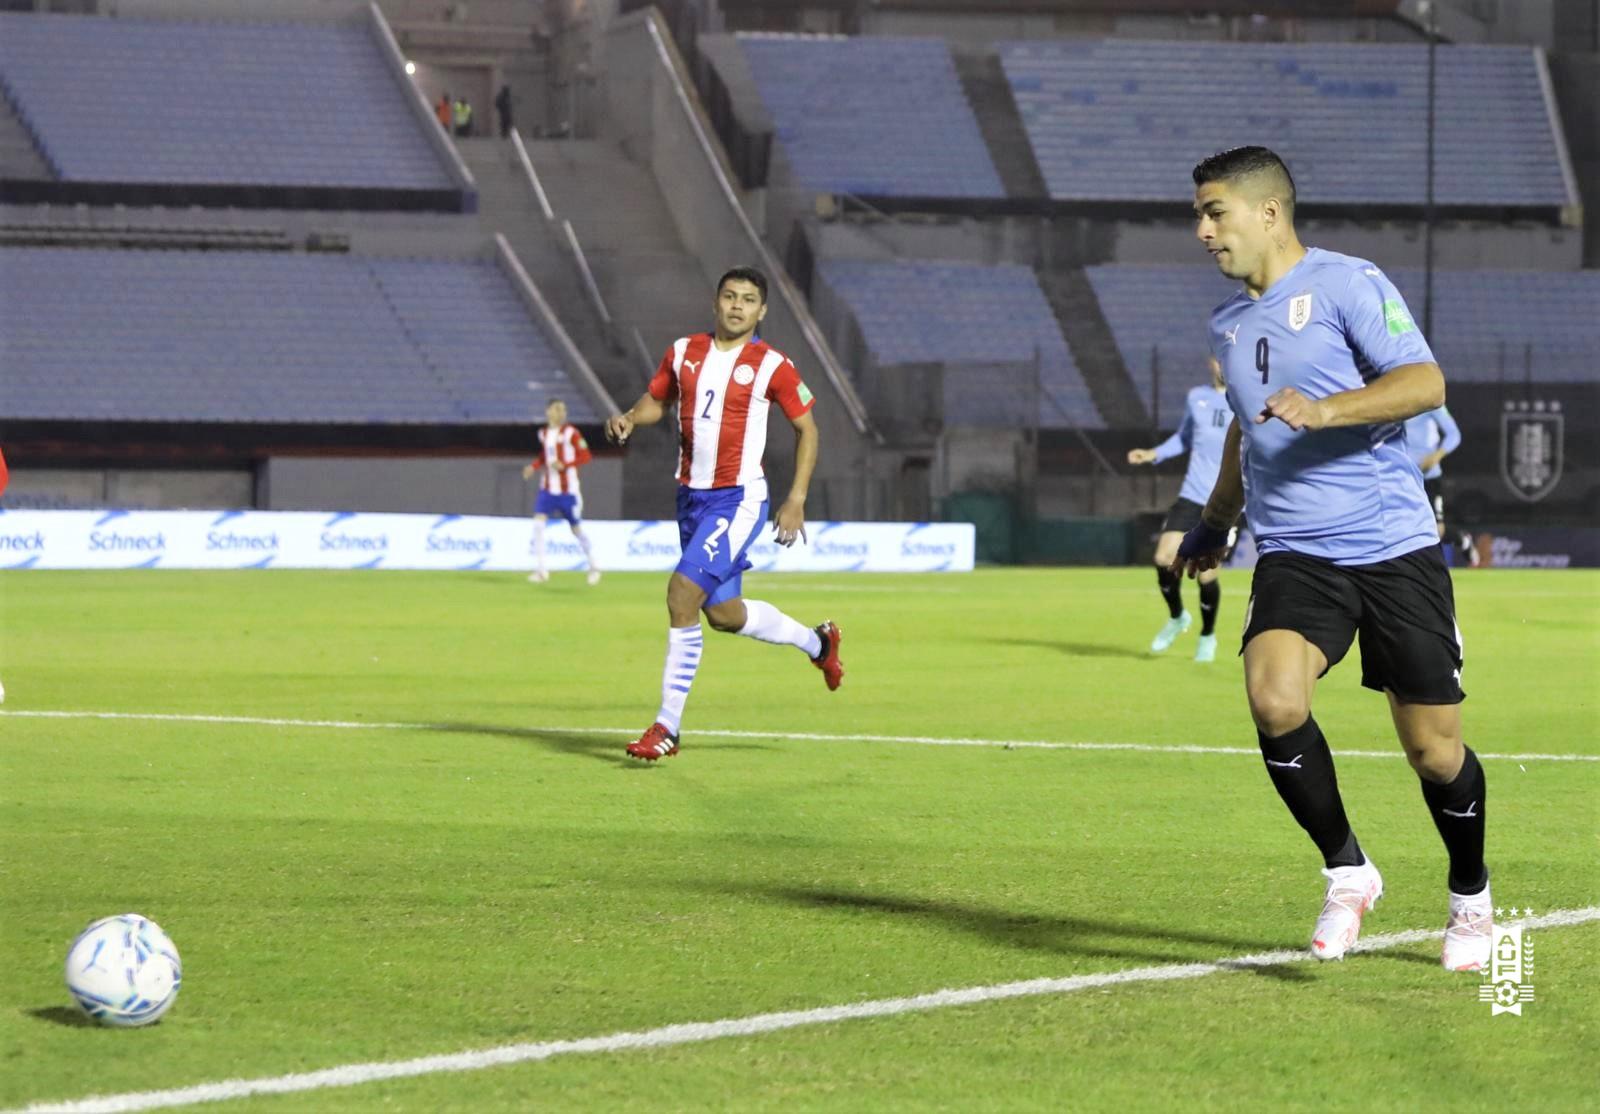 Suarez im tiếng trong trận thứ 117 khoác áo tuyển Uruguay. Ảnh: AUF